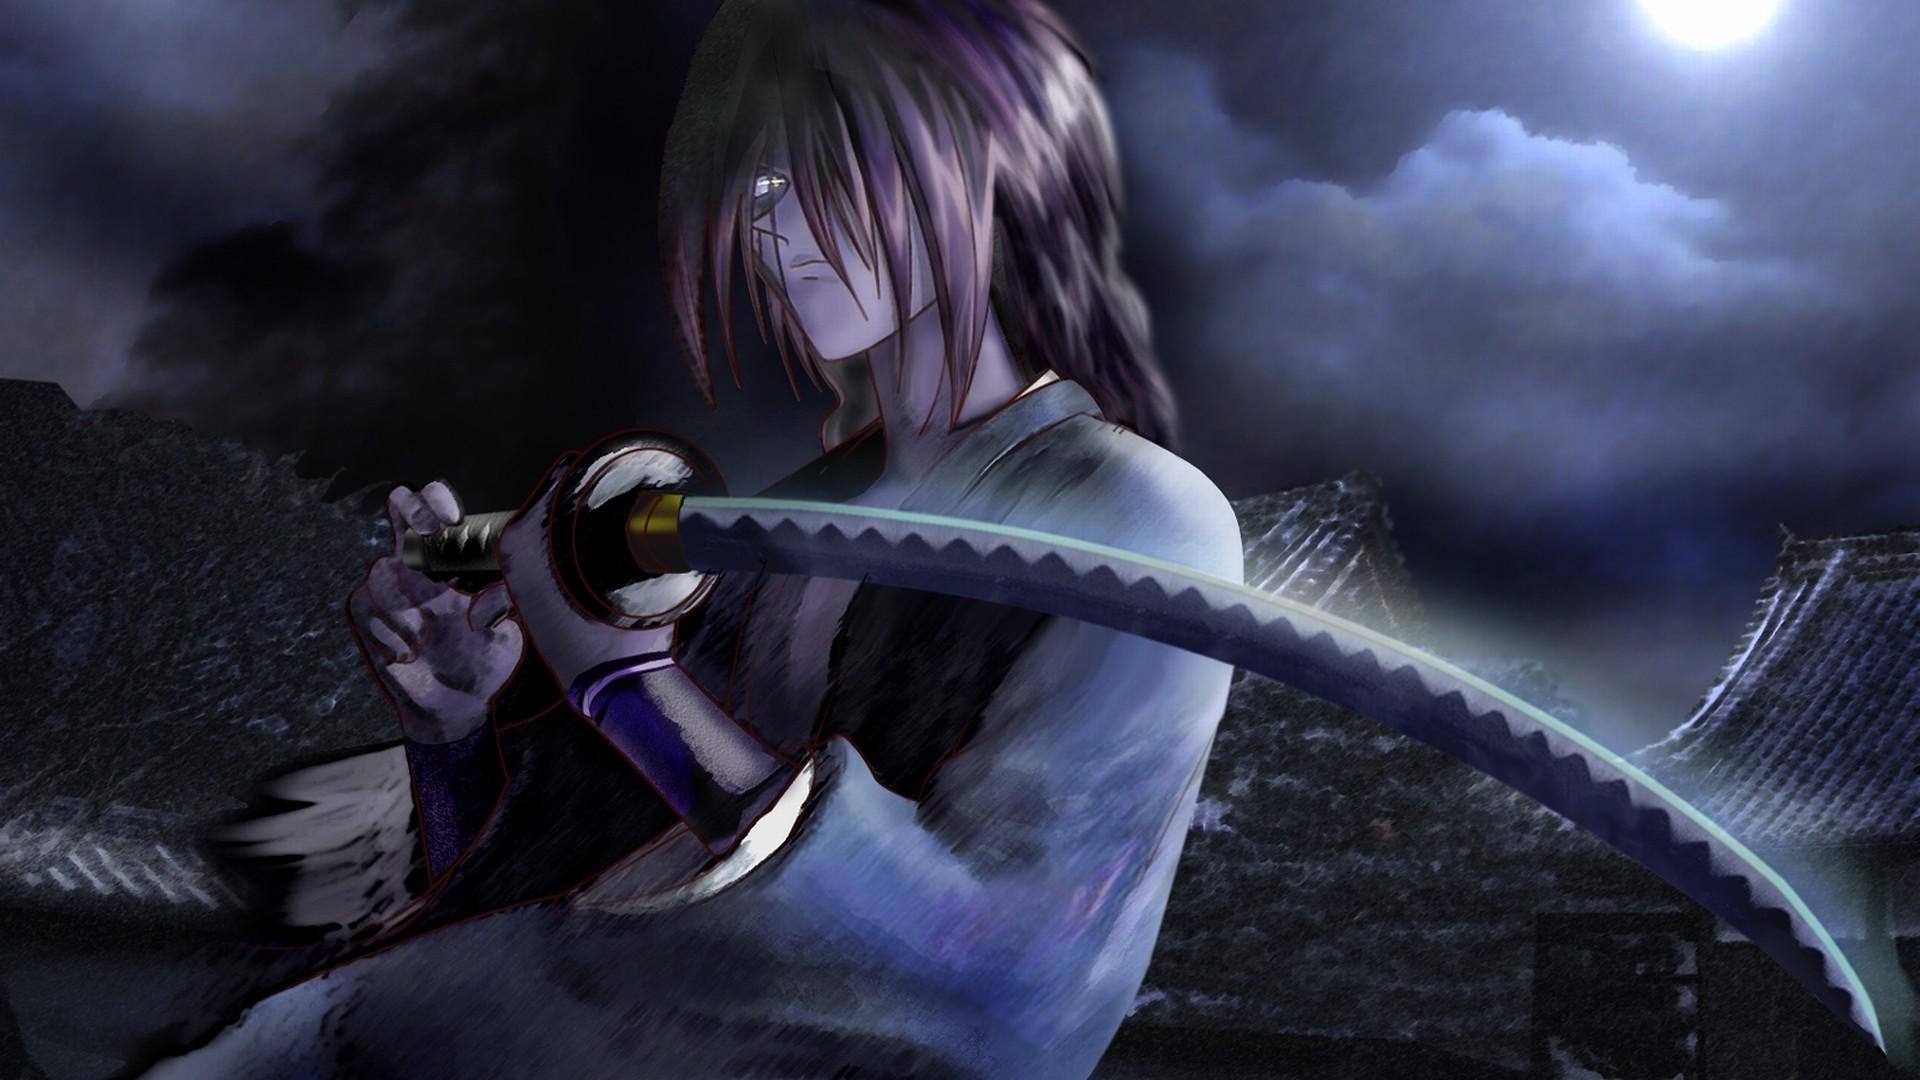 Rurouni Kenshin, Katana, Night, Himura Kenshin Wallpapers HD / Desktop and  Mobile Backgrounds